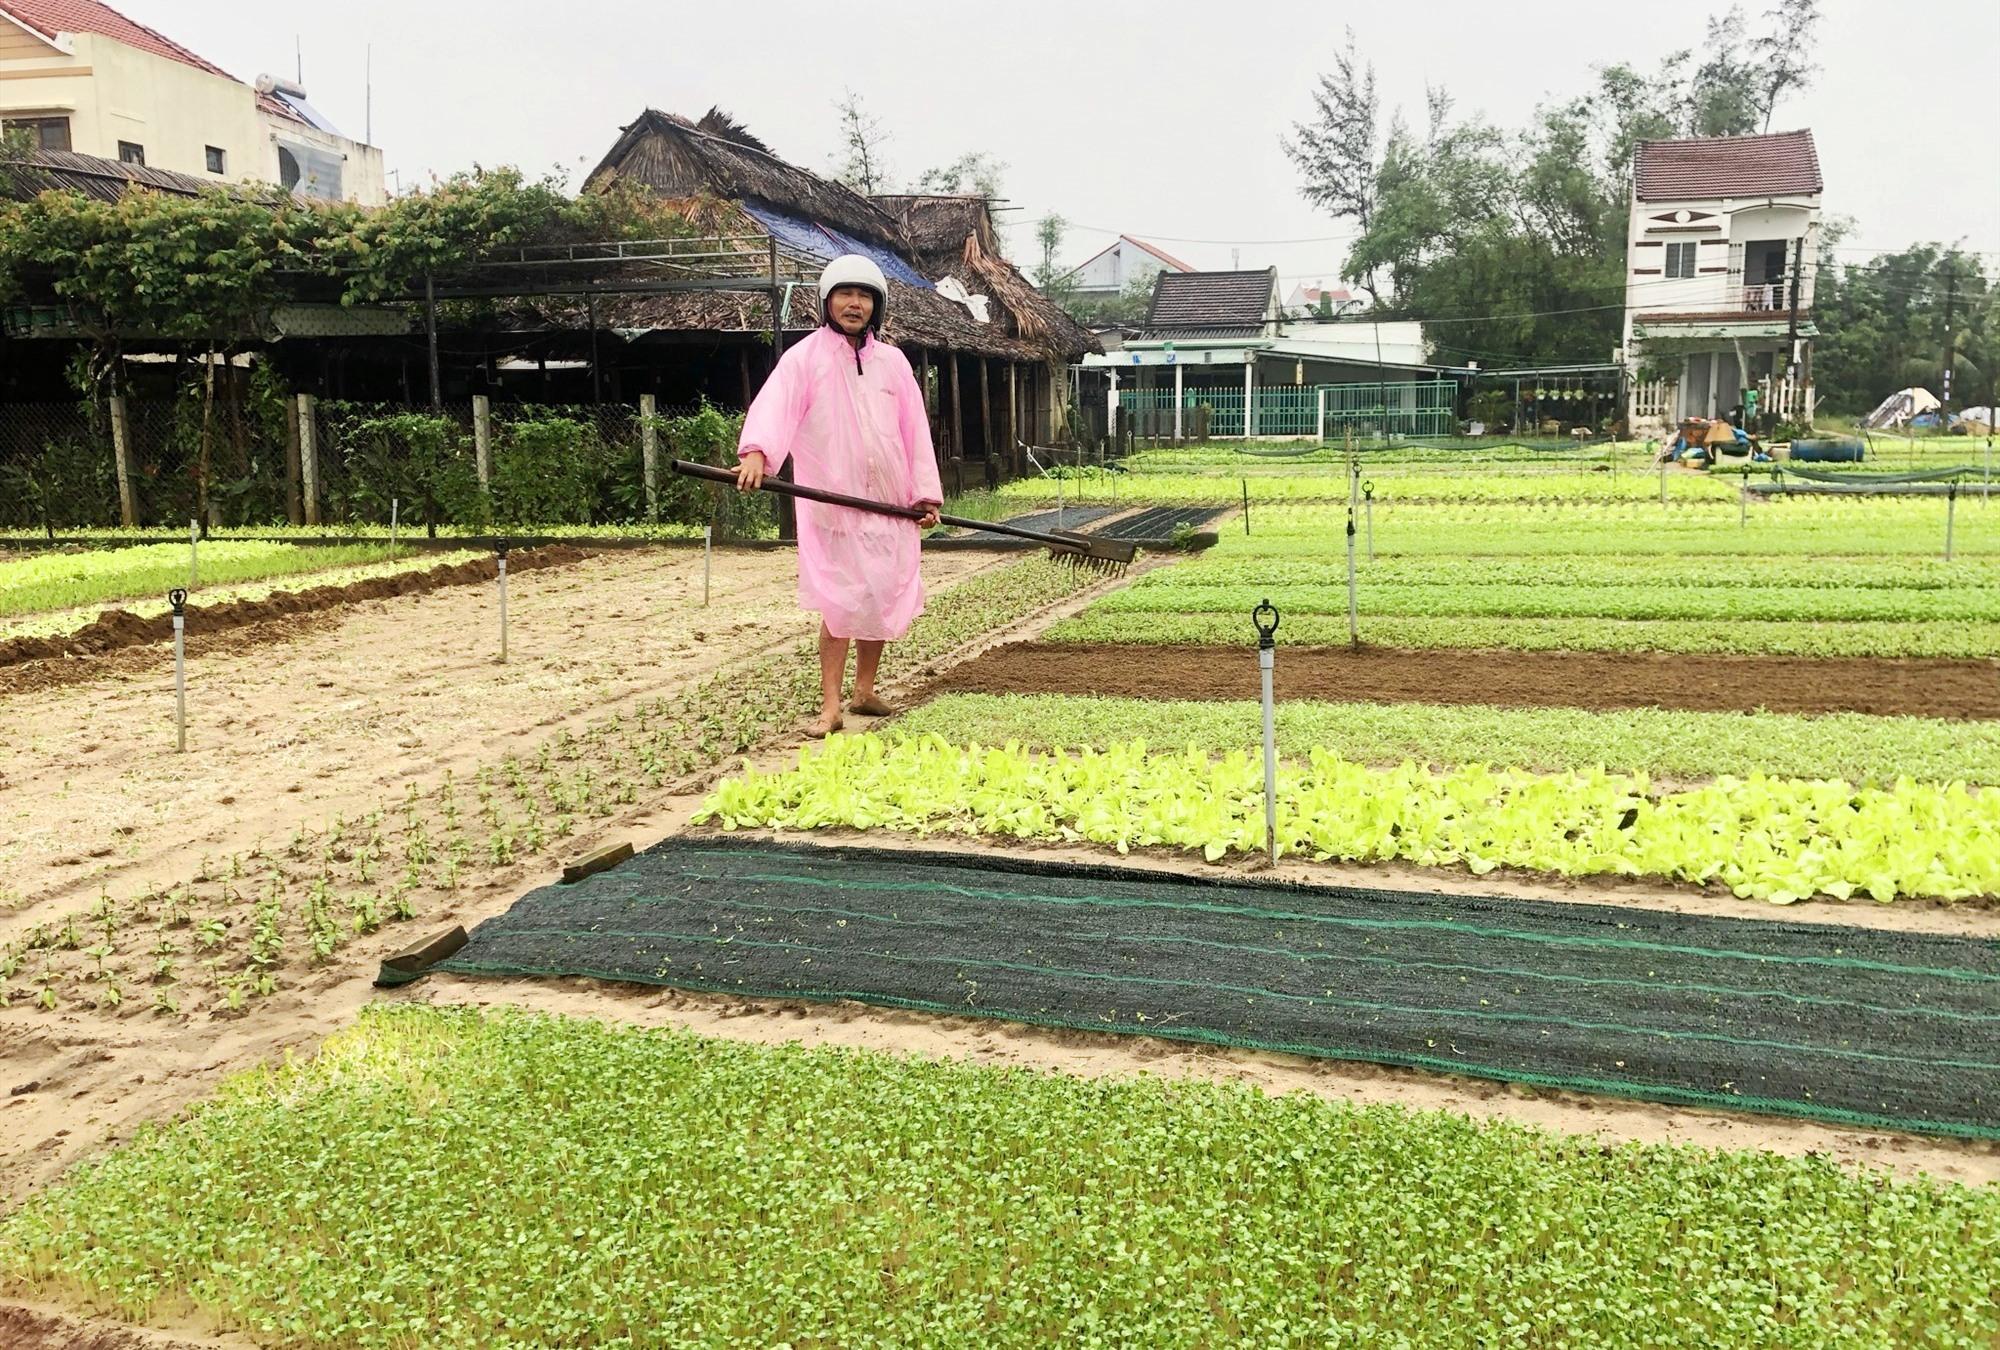 Người dân làng rau Trà Quế (xã Cẩm Hà) có thu nhập ổn định từ việc làm nông nghiệp. Ảnh: X.H